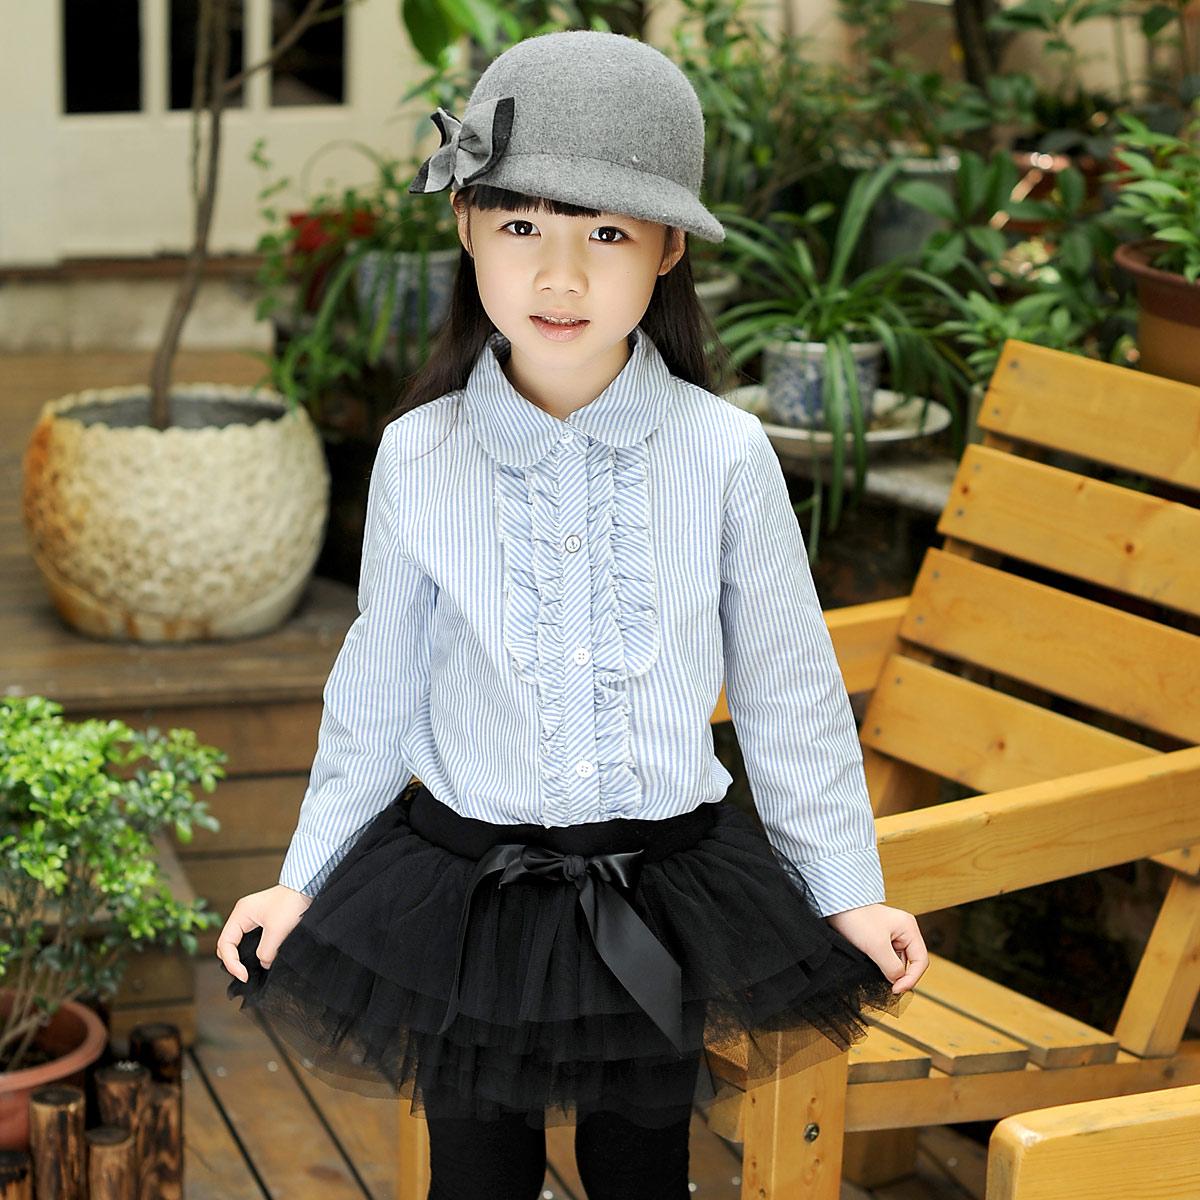 女童秋装新款纯棉衬衣儿童长袖天蓝色翻领女大童装学院风条纹衬衫